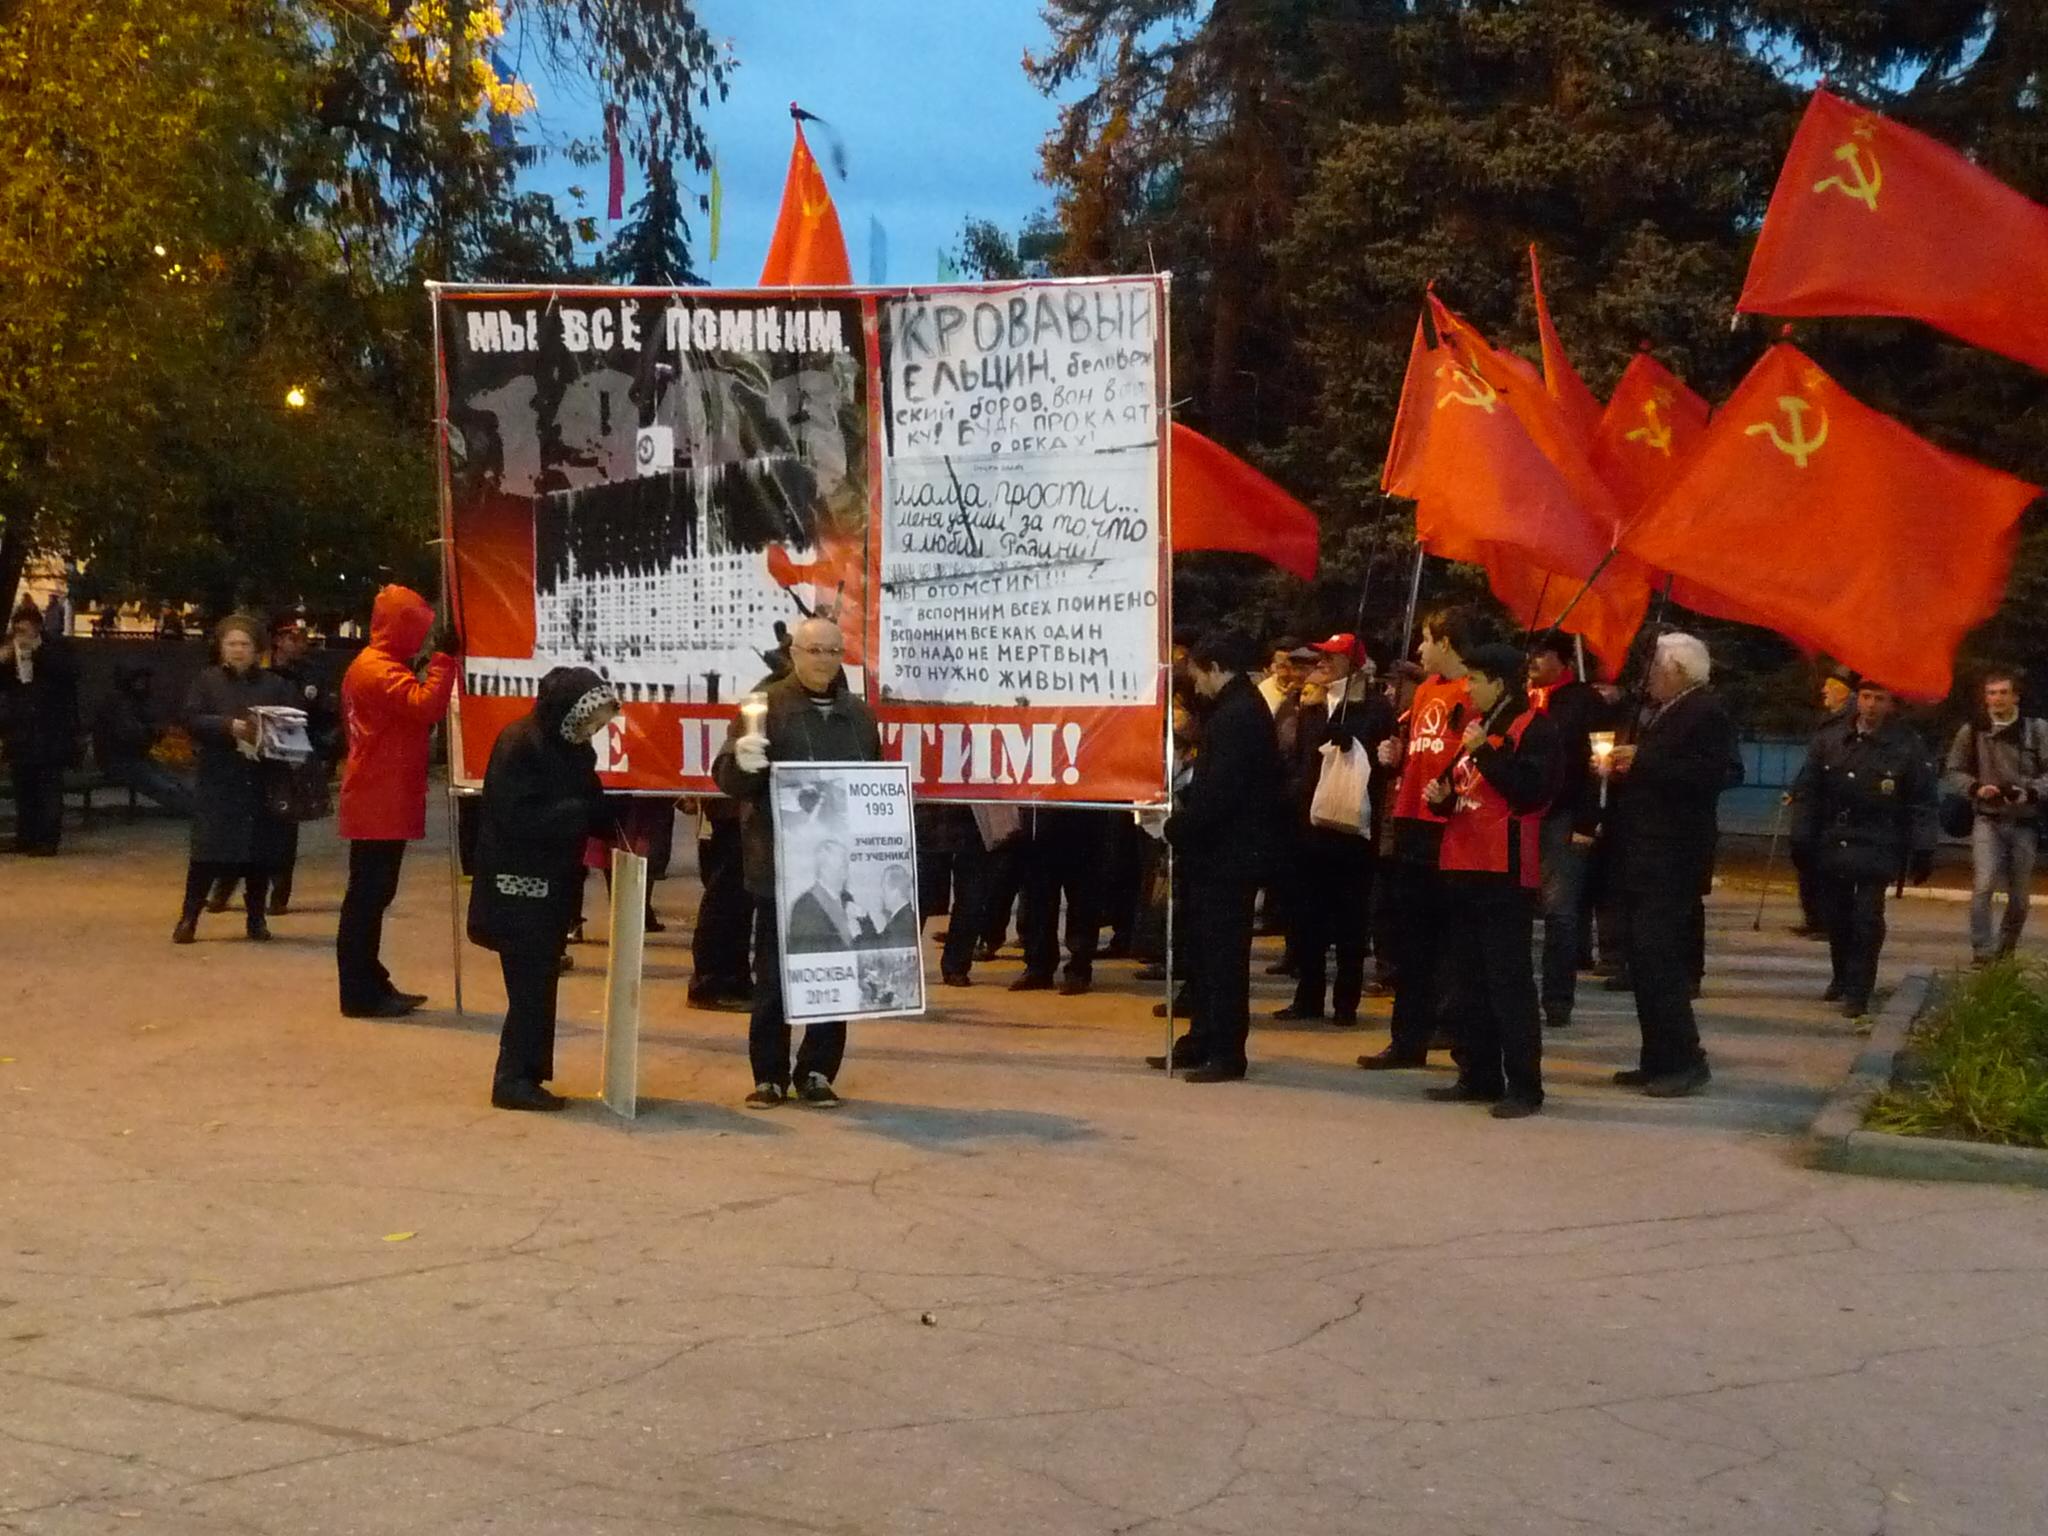 Траурный митинг посвященный 20-й годовщине расстрела Верховного совета РФ